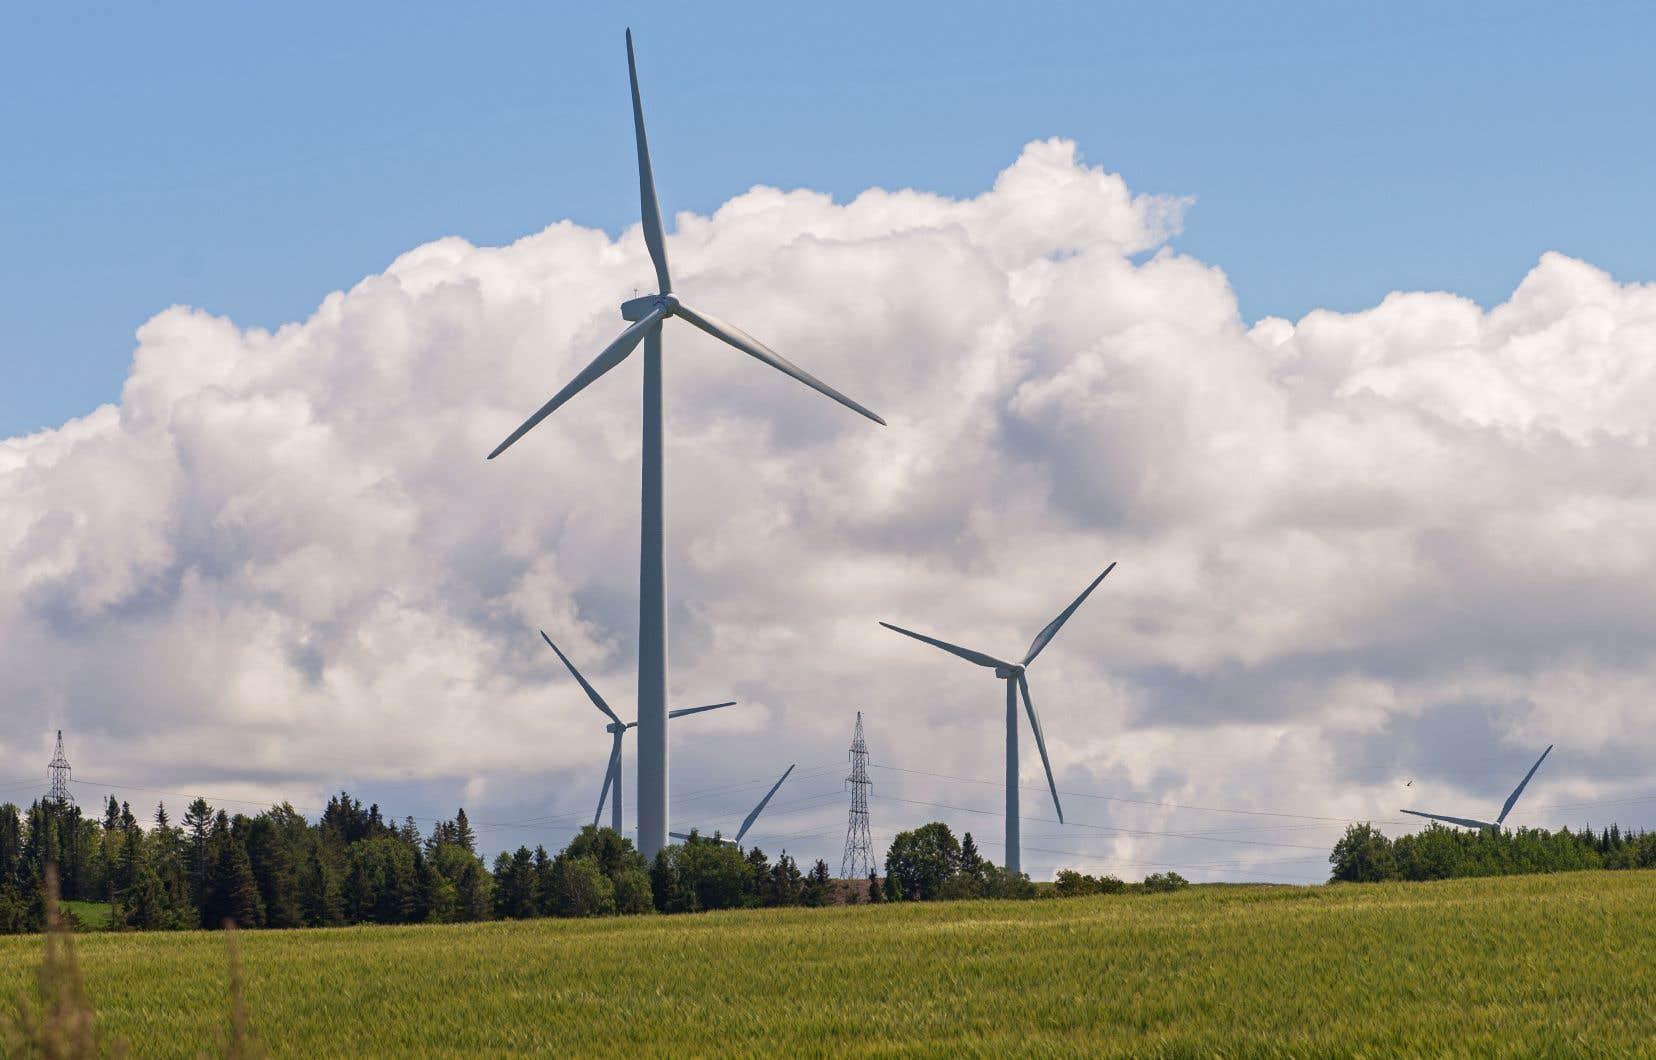 Selon les auteurs, l'énergie éolienne est appelée à jouer un rôle important dans la transition énergétique. Sur la photo, le parc éolien de Cap-Chat, en Gaspésie.